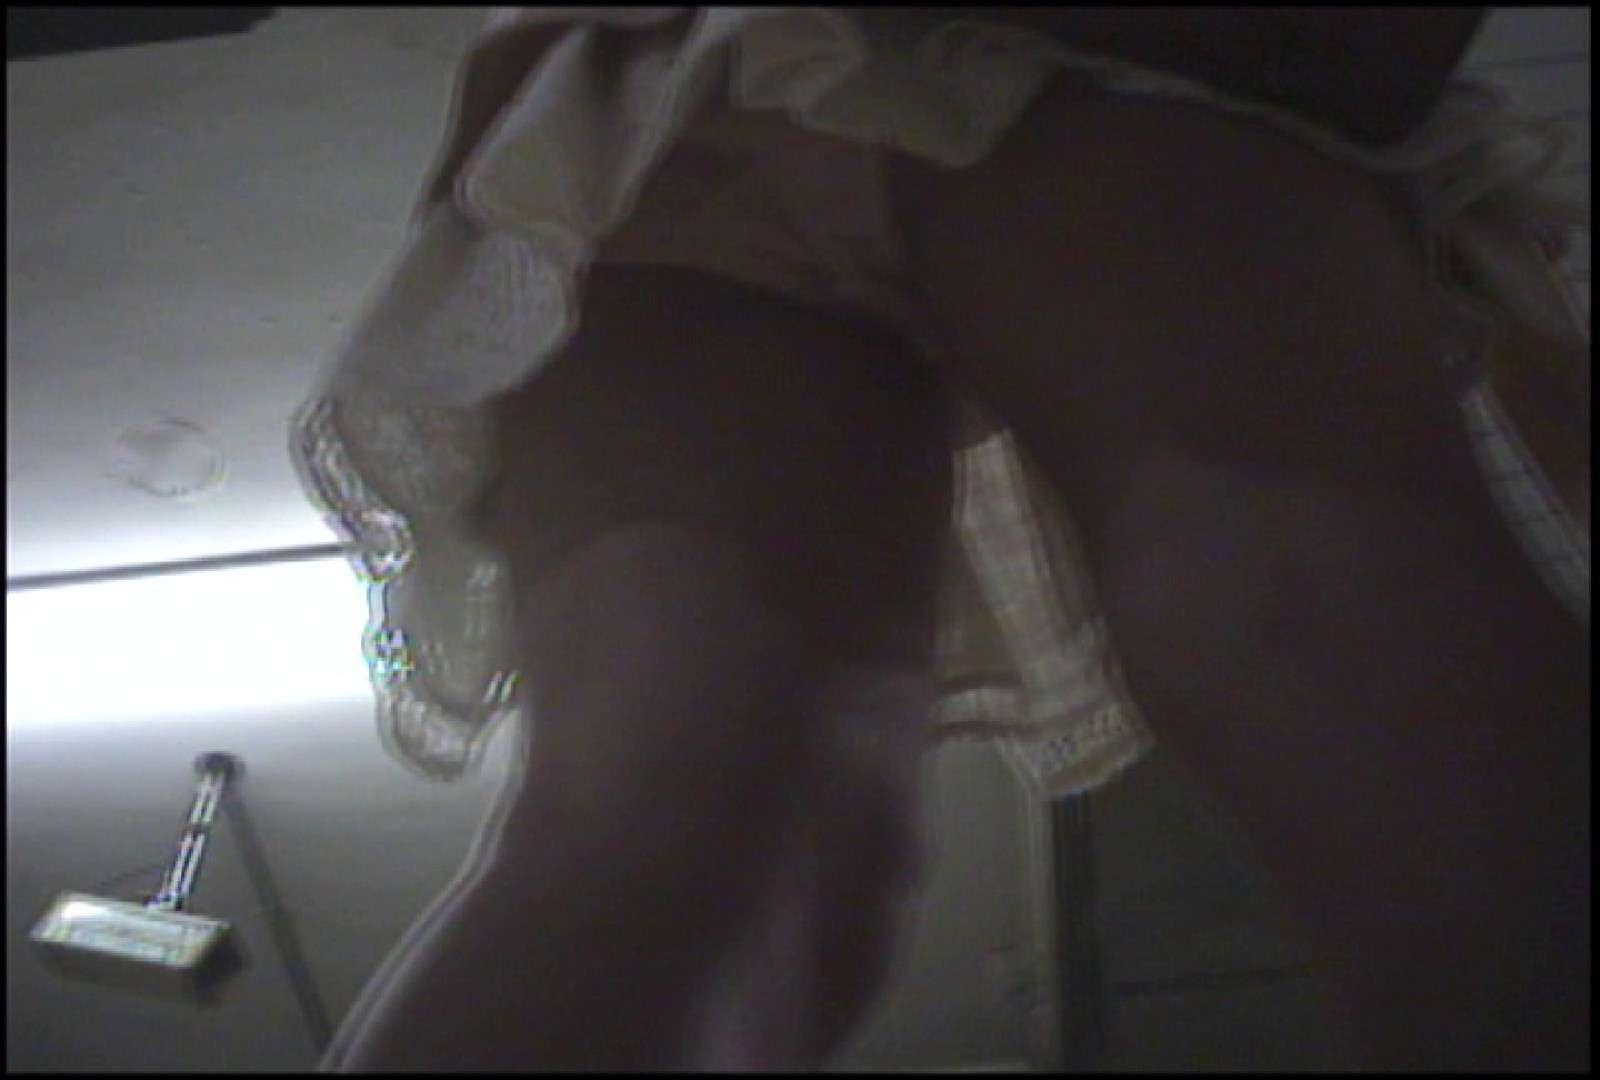 「しん」さんの逆さバイキングVol.2 パンチラ  50画像 6